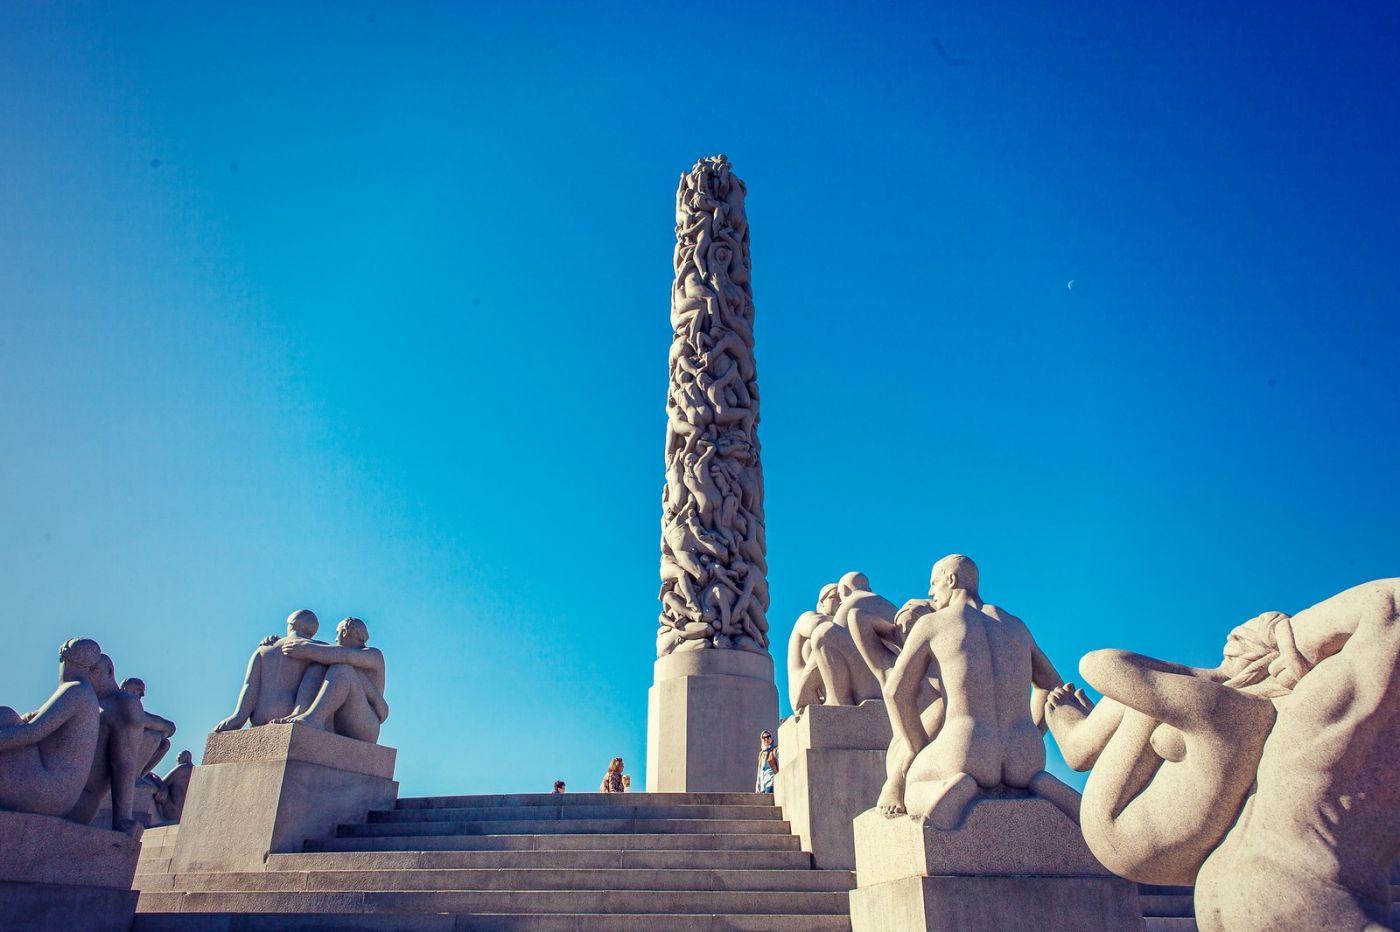 挪威维格兰雕塑公园,风格明显_图1-30